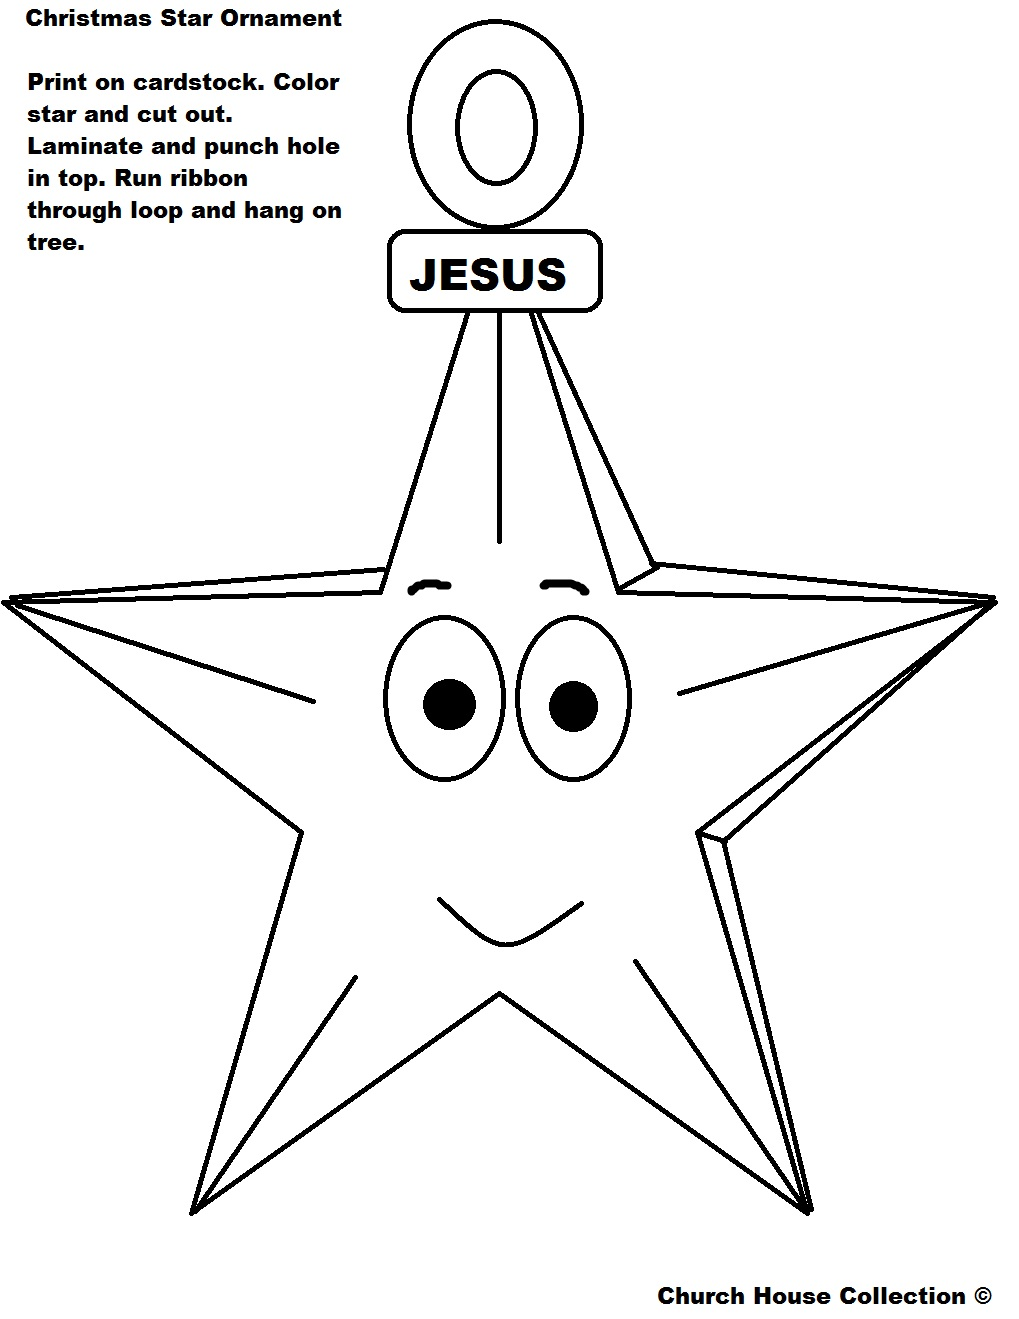 Church House Collection Blog: Printable Christmas Ornament